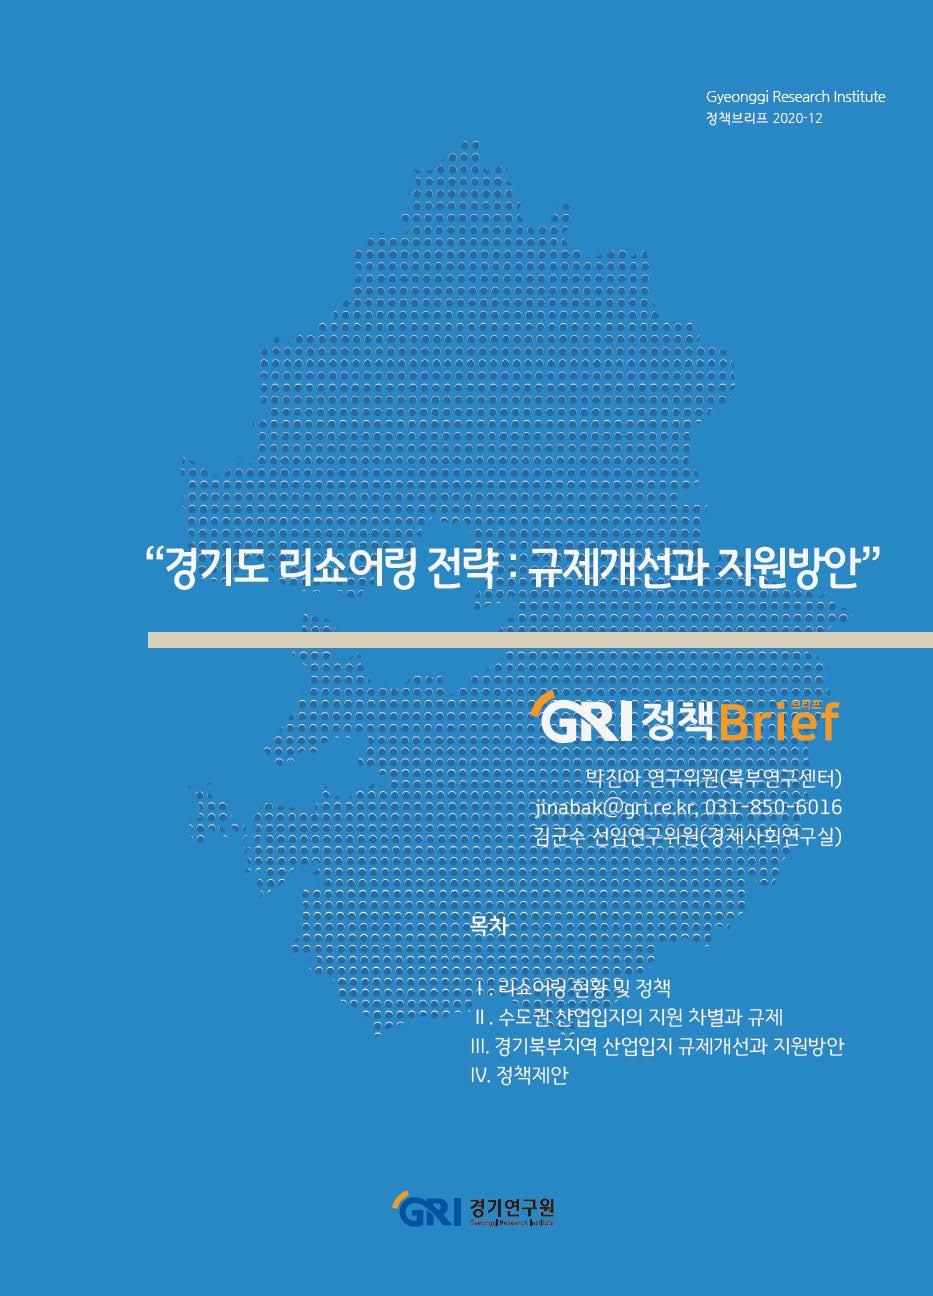 경기도 리쇼어링 전략: 규제개선과 지원방안